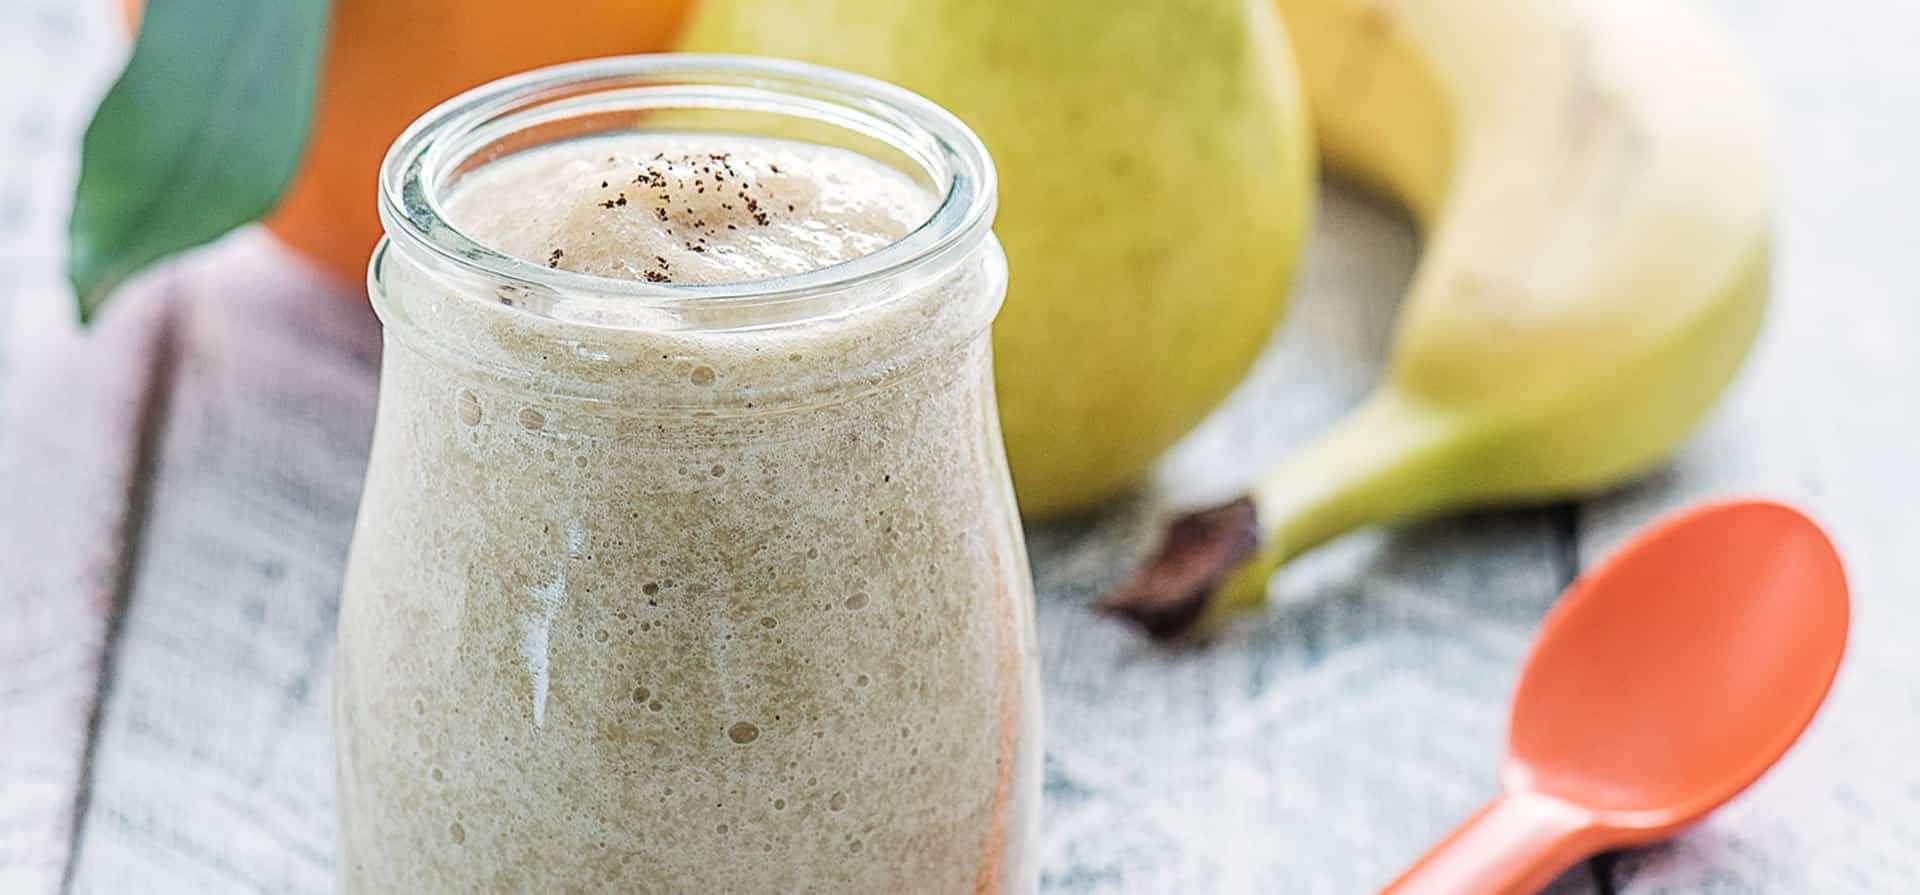 Recipe Cream of fruit spices